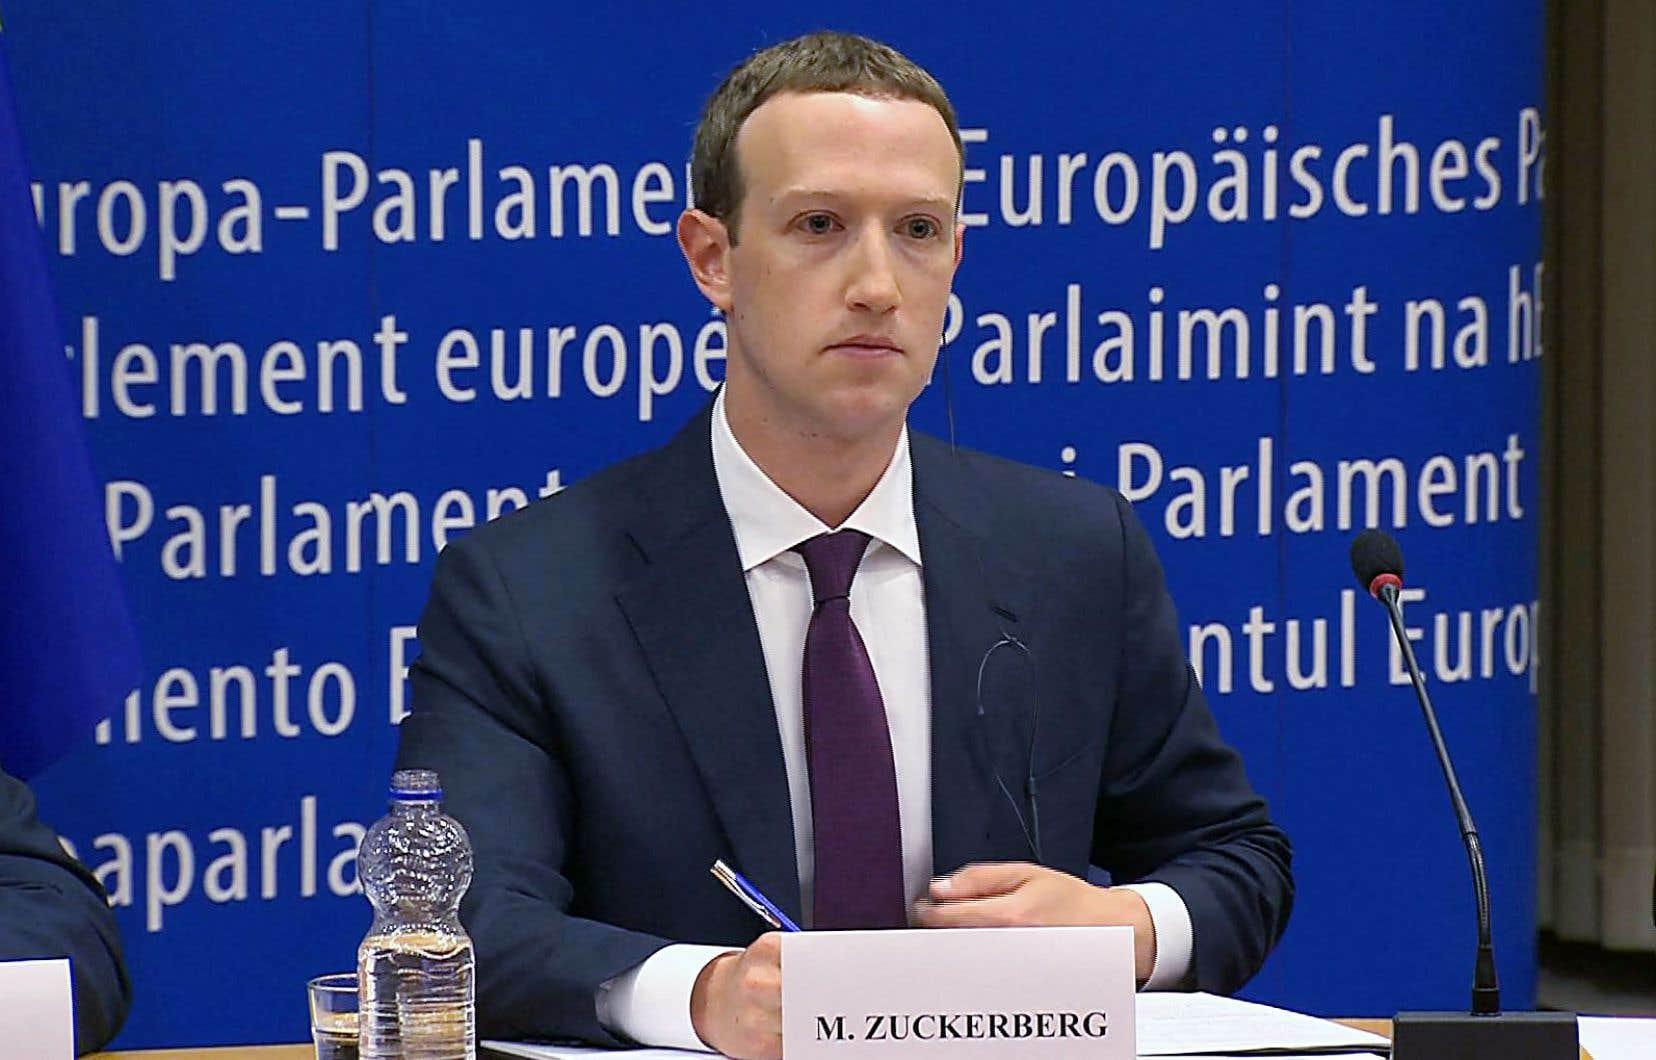 Costume sombre et cravate bordeaux, le patron de Facebook, Mark Zuckerberg, affichait un air grave lors de son audition devant les députés européens mardi.